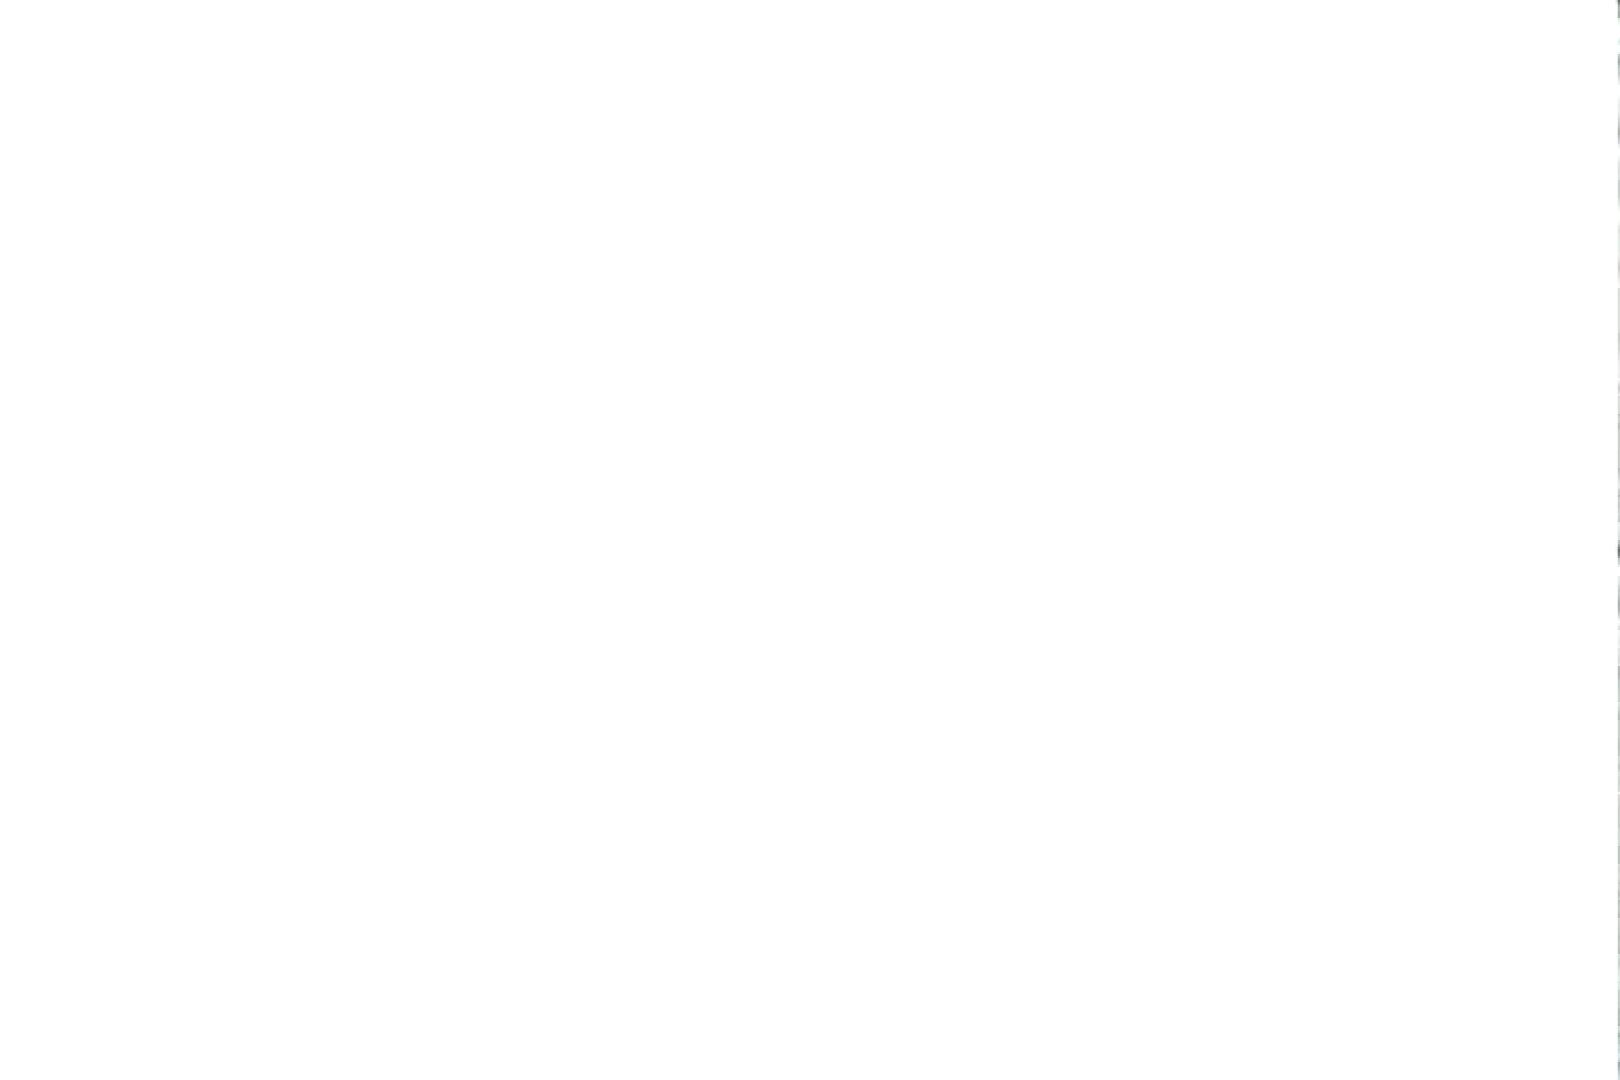 充血監督の深夜の運動会Vol.16 高画質 オマンコ無修正動画無料 105画像 94